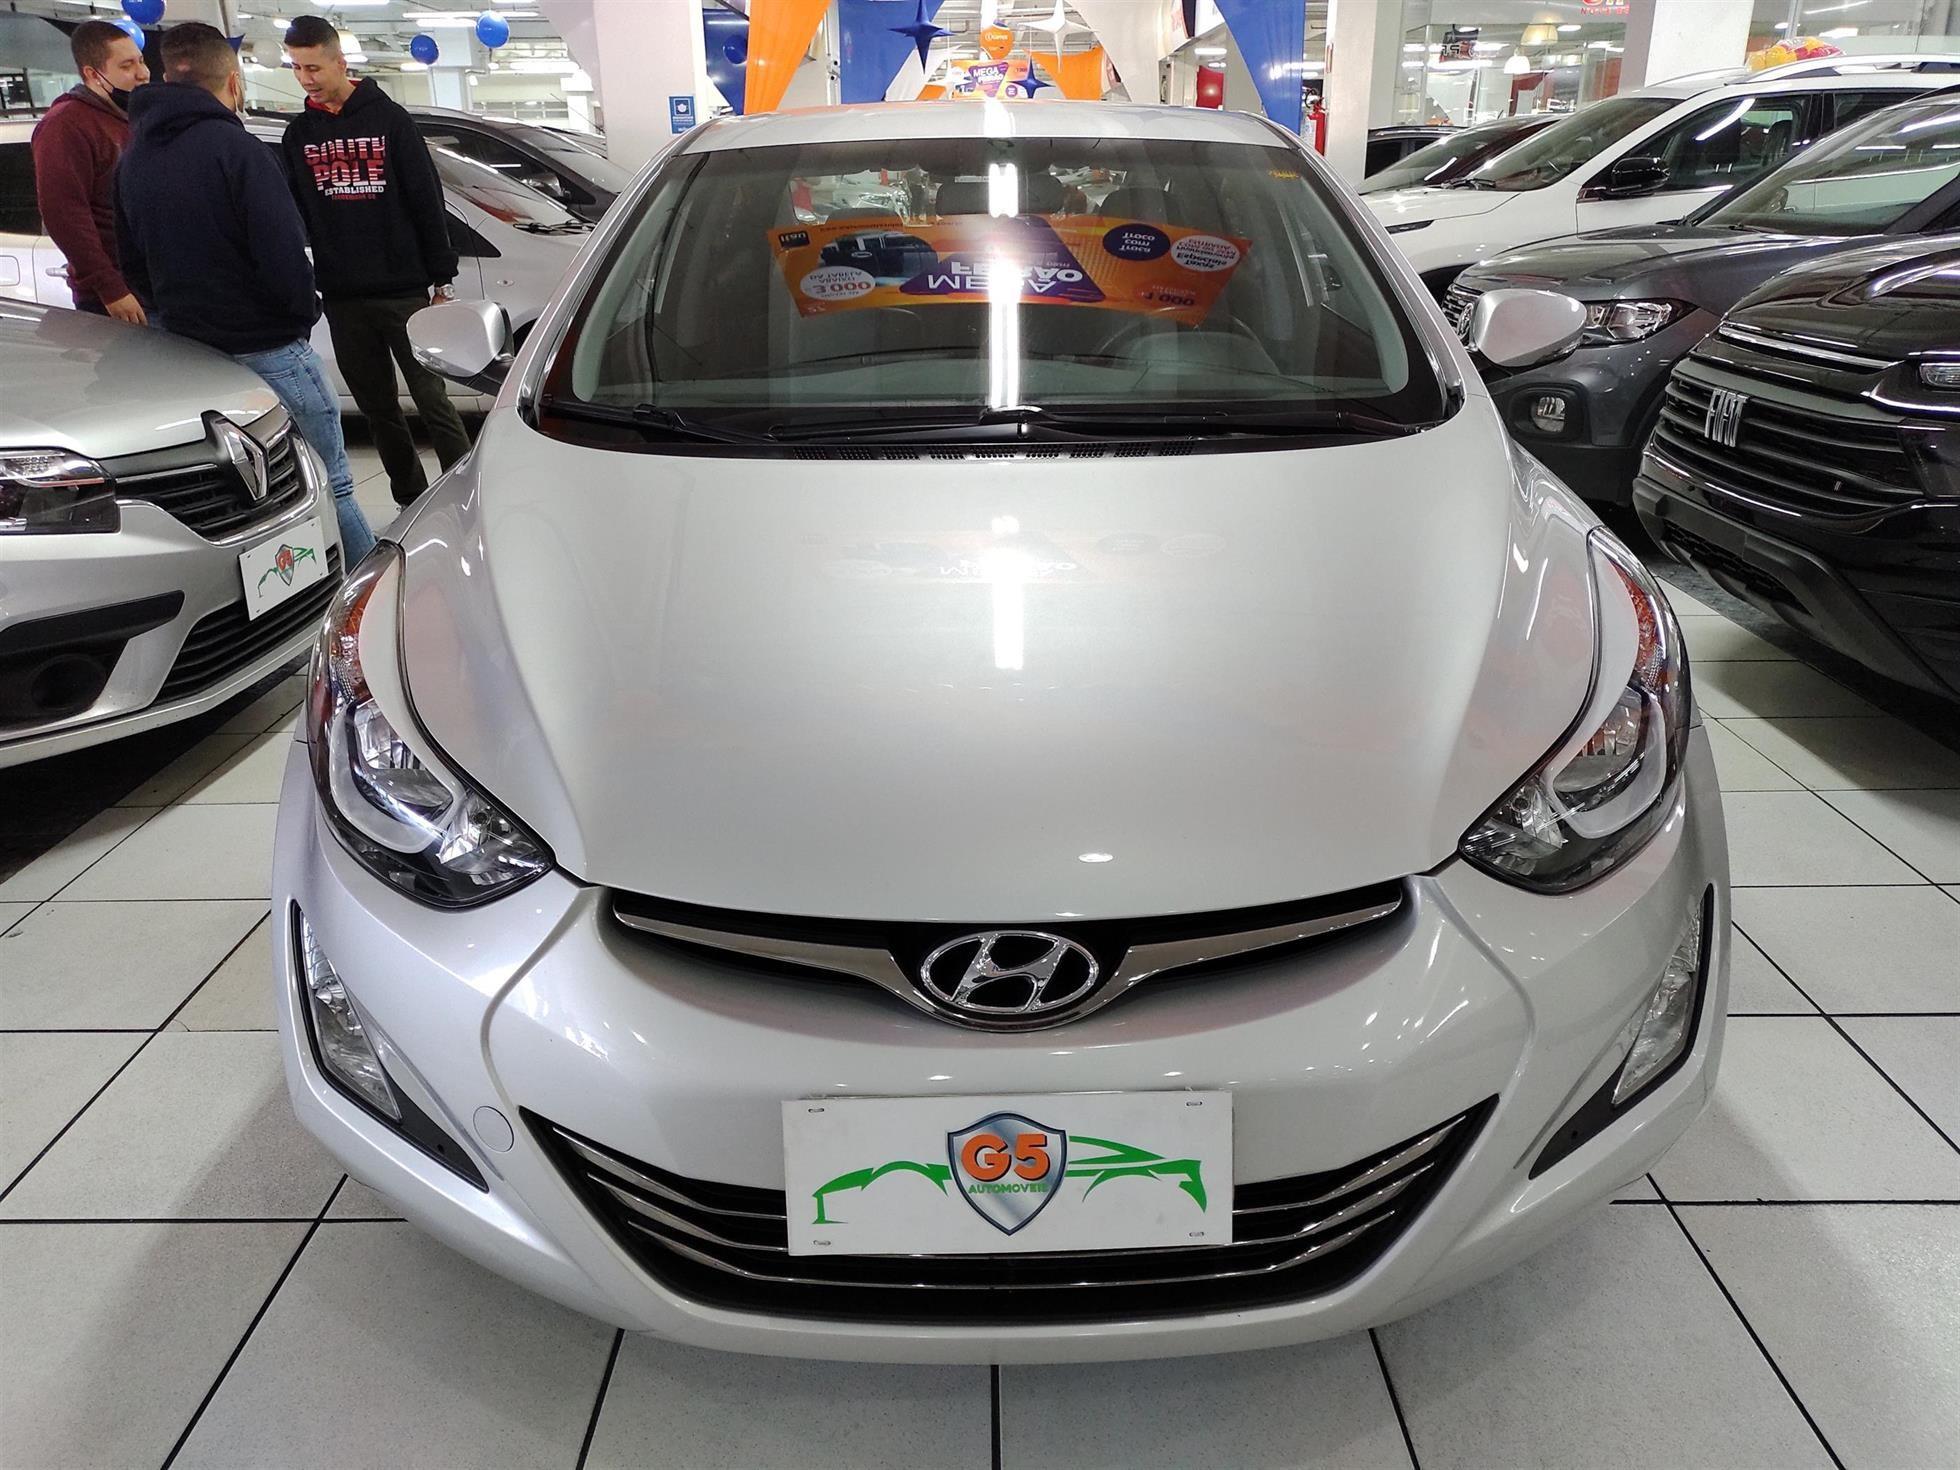 //www.autoline.com.br/carro/hyundai/elantra-20-gls-16v-flex-4p-automatico/2016/osasco-sp/15203125